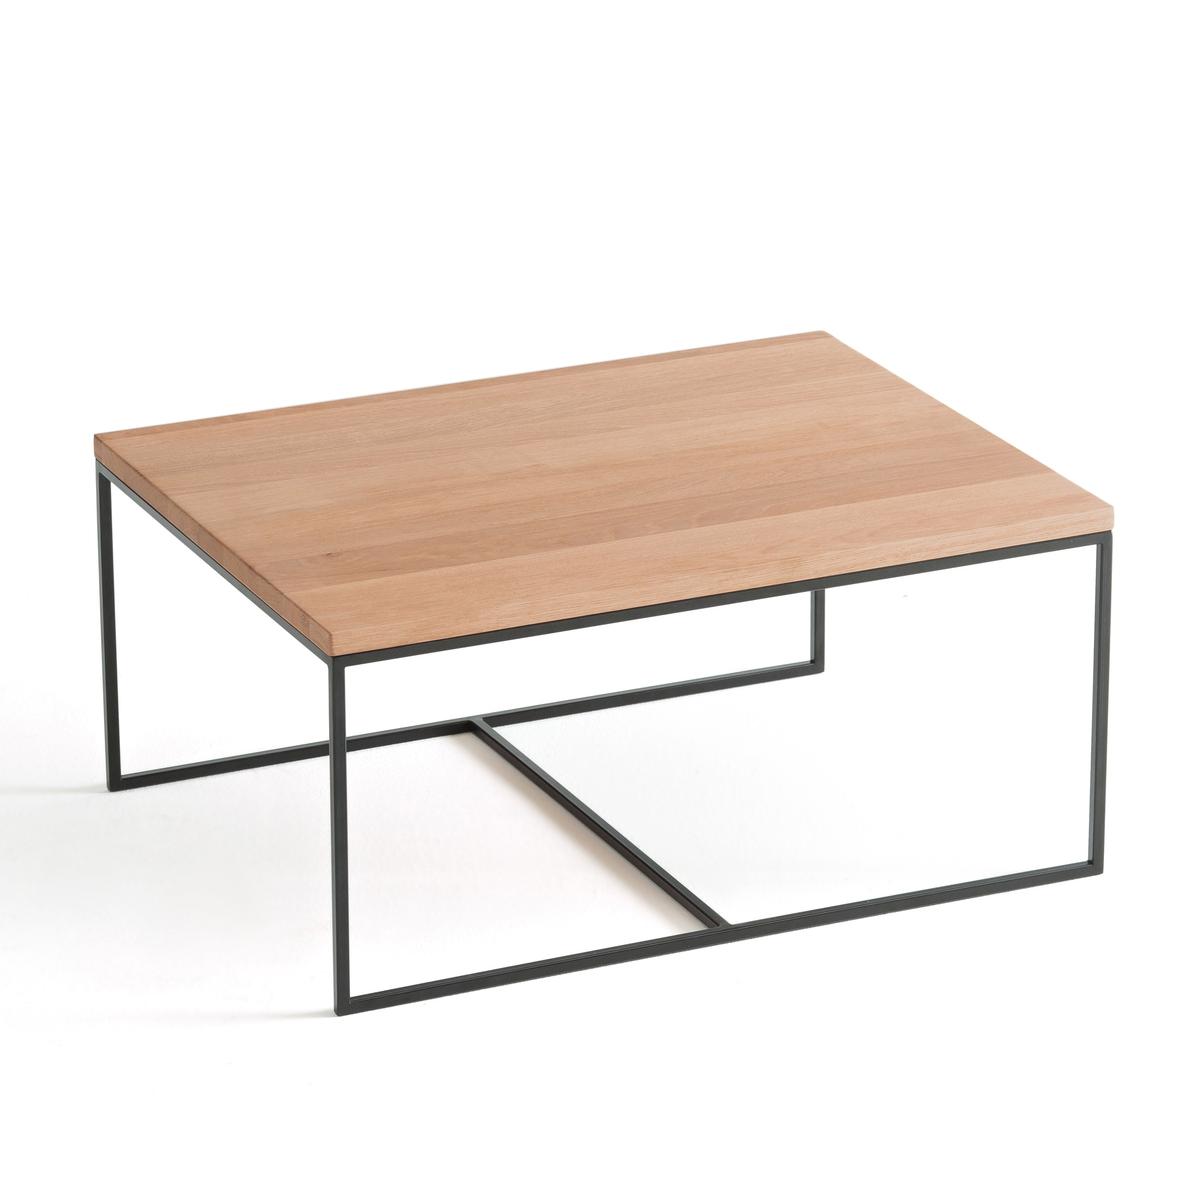 Стол LaRedoute Журнальный из дуба Auralda маленький размер единый размер каштановый столик laredoute журнальный из дуба покрытого олифой adelita единый размер каштановый